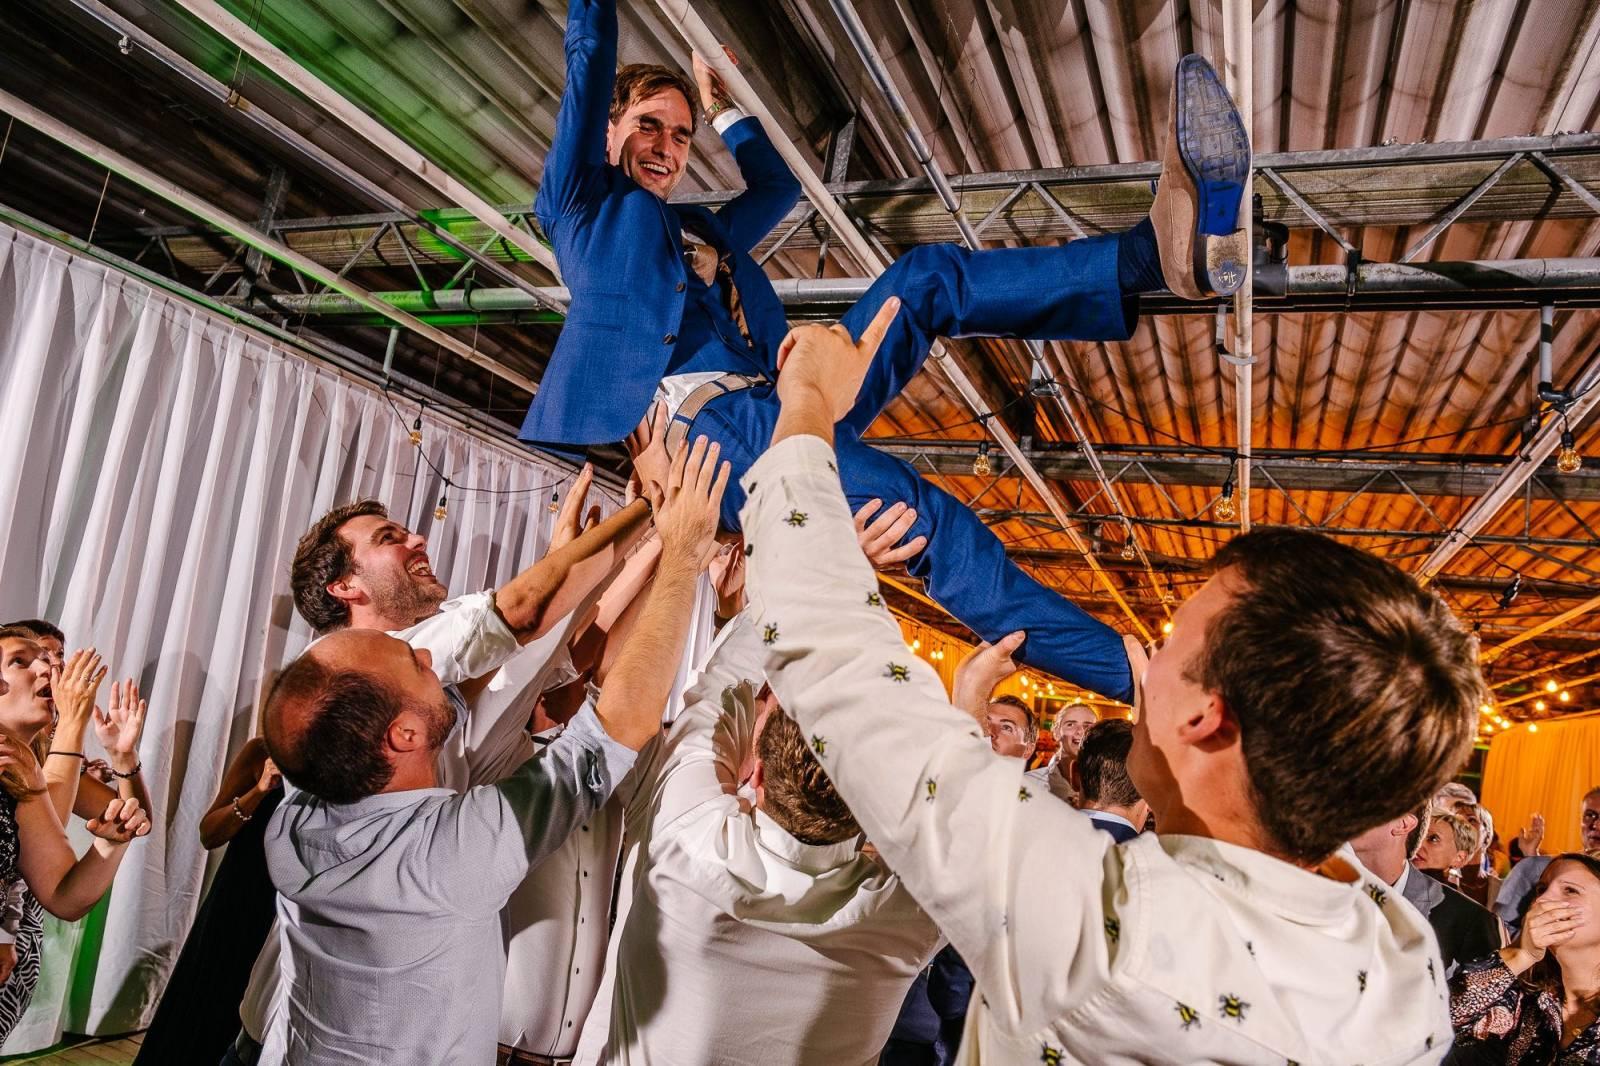 Jonas De Gent - Huwelijksfotograaf - House of Weddings - 22